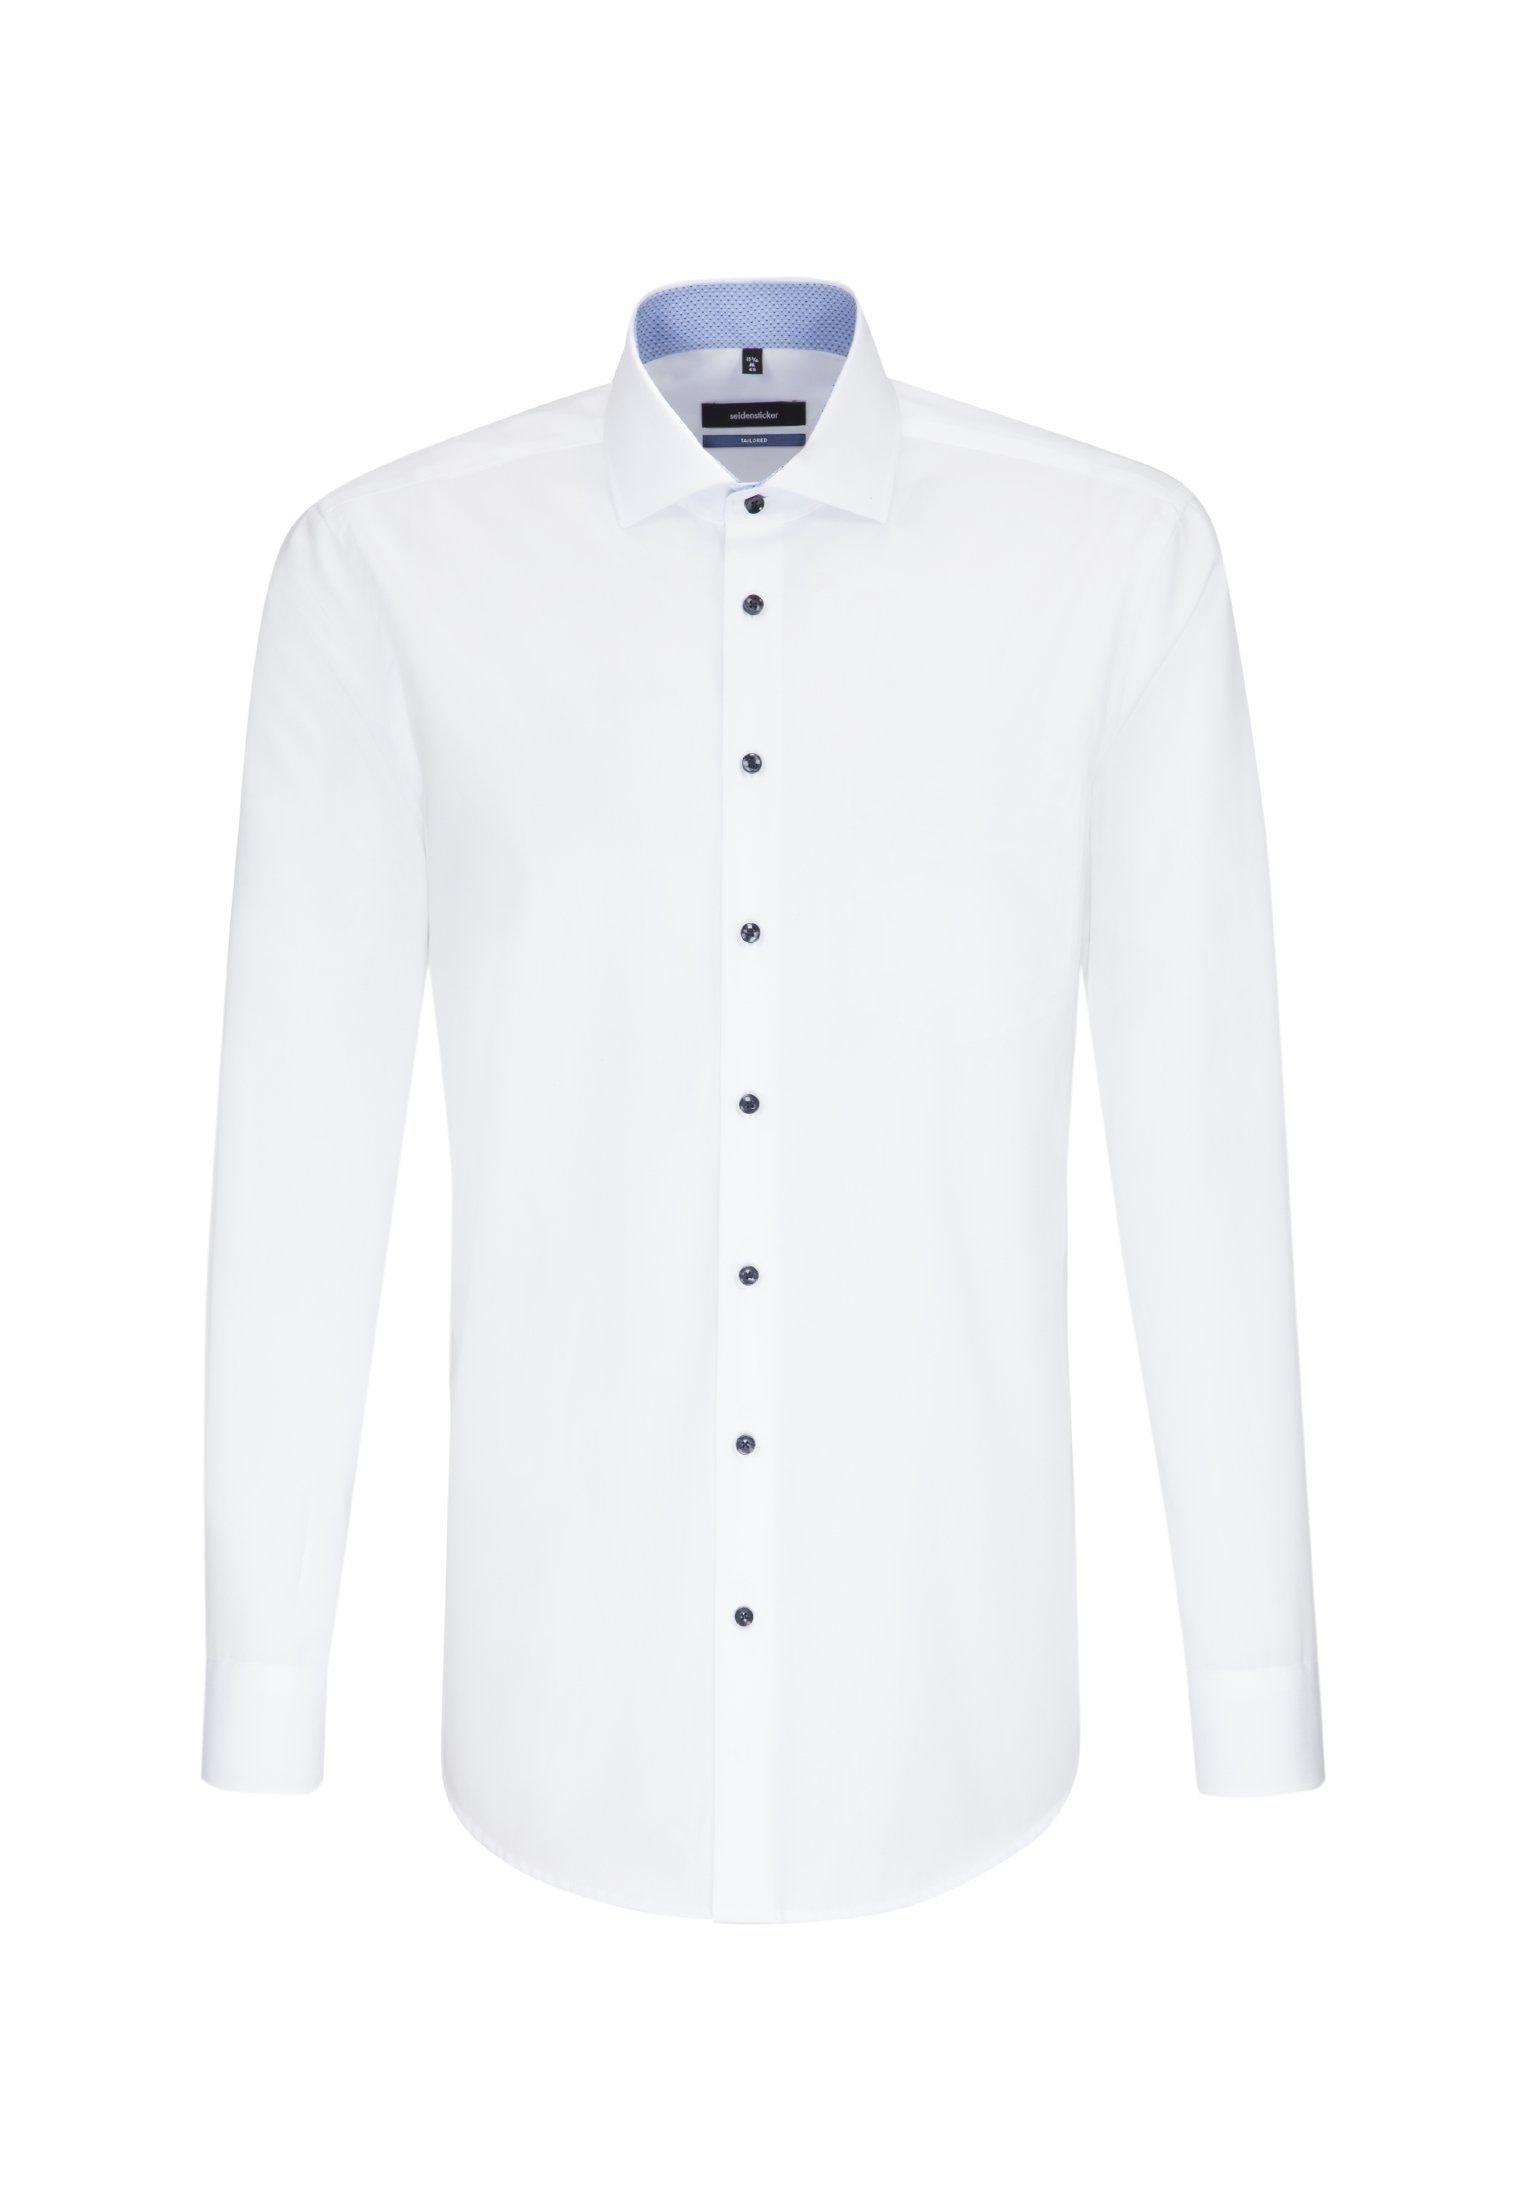 seidensticker Businesshemd Tailored | Bekleidung > Hemden > Business Hemden | Weiß | Popeline | Seidensticker